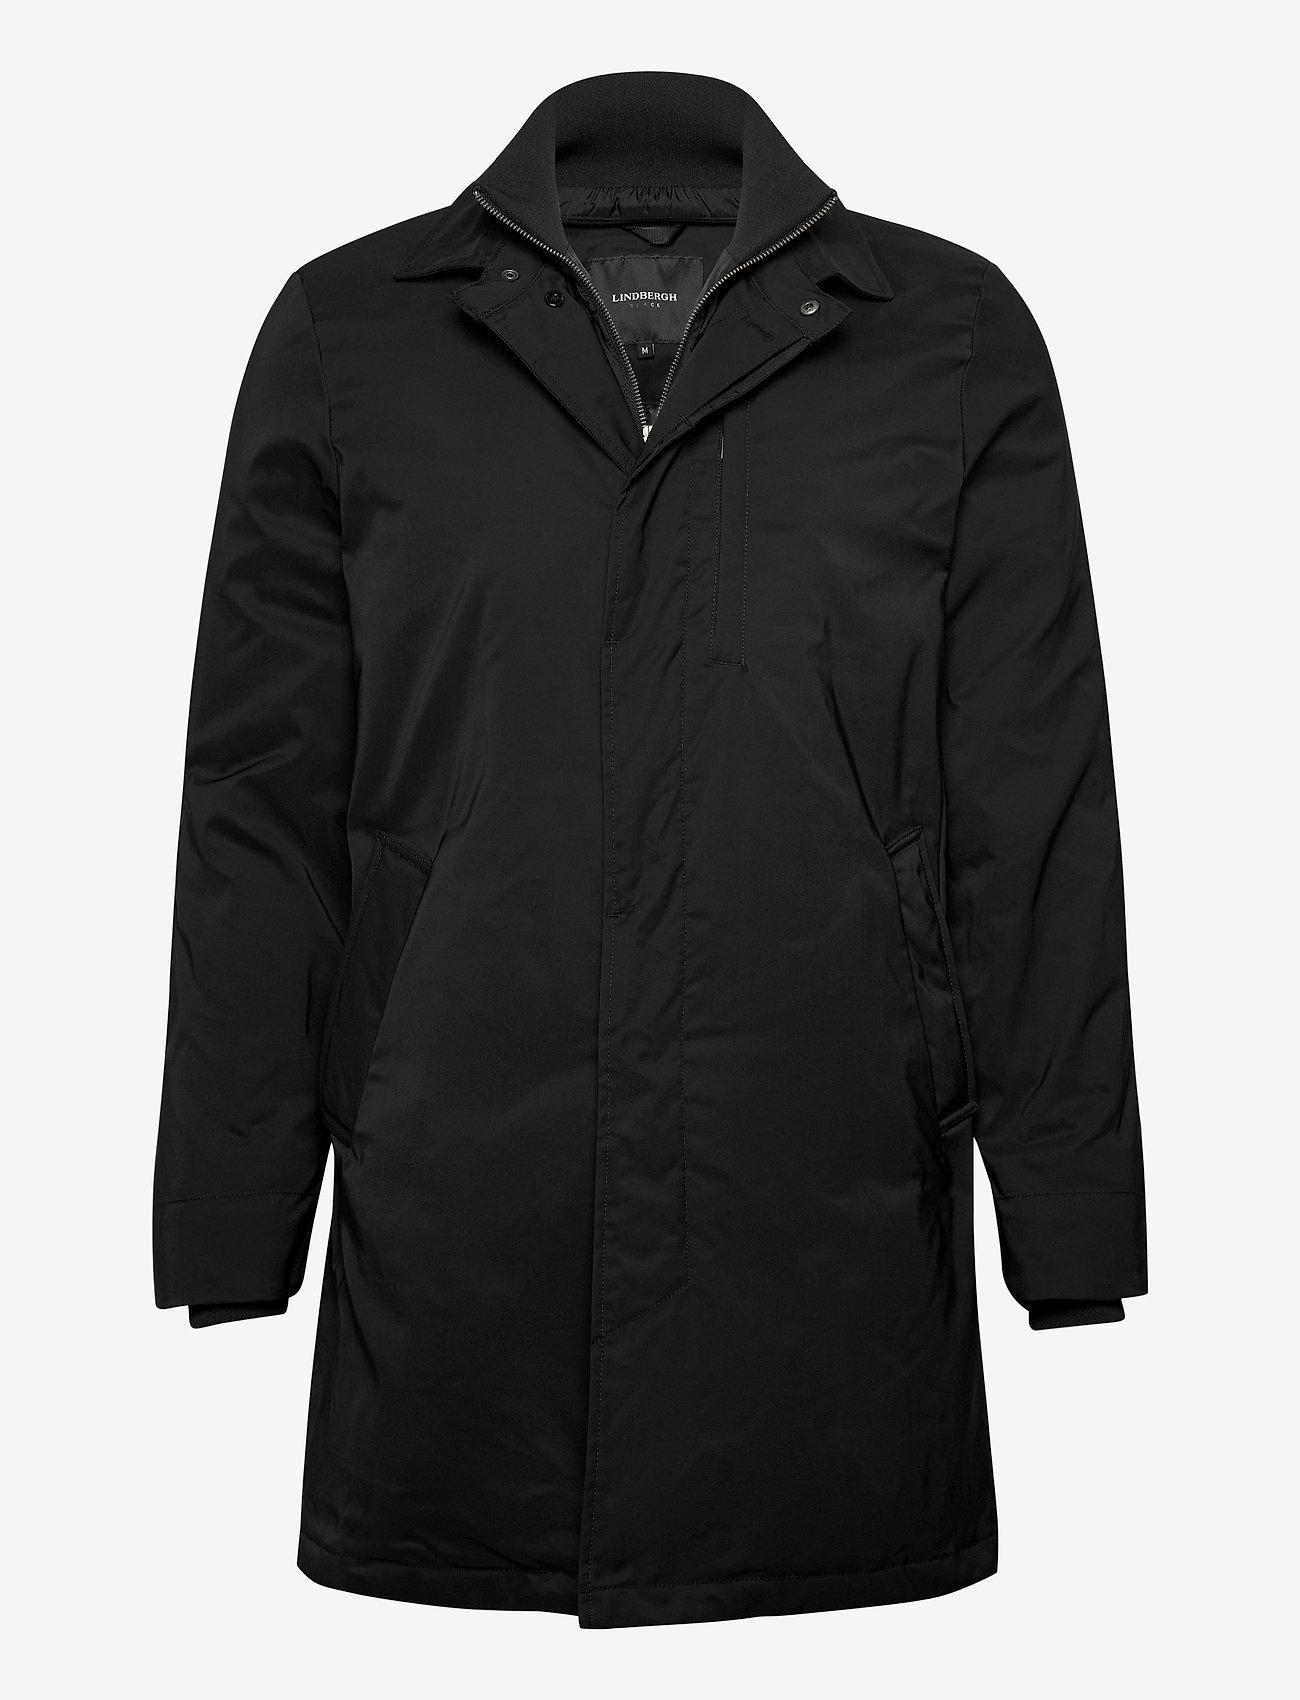 Lindbergh - Twill coat w detachable collar - manteaux legères - black - 0